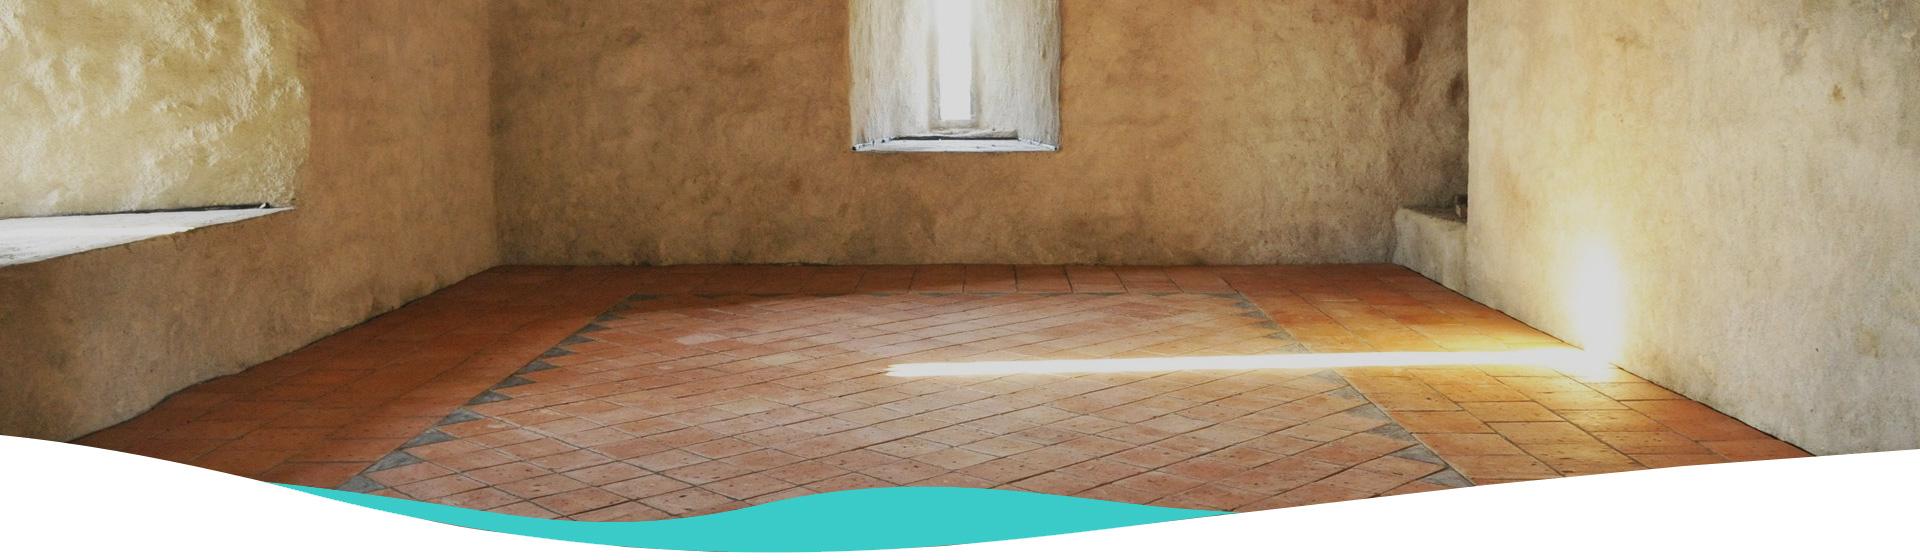 Prodotti Per Ravvivare Il Cotto trattamento pavimenti in cotto bologna | due l impresa pulizie